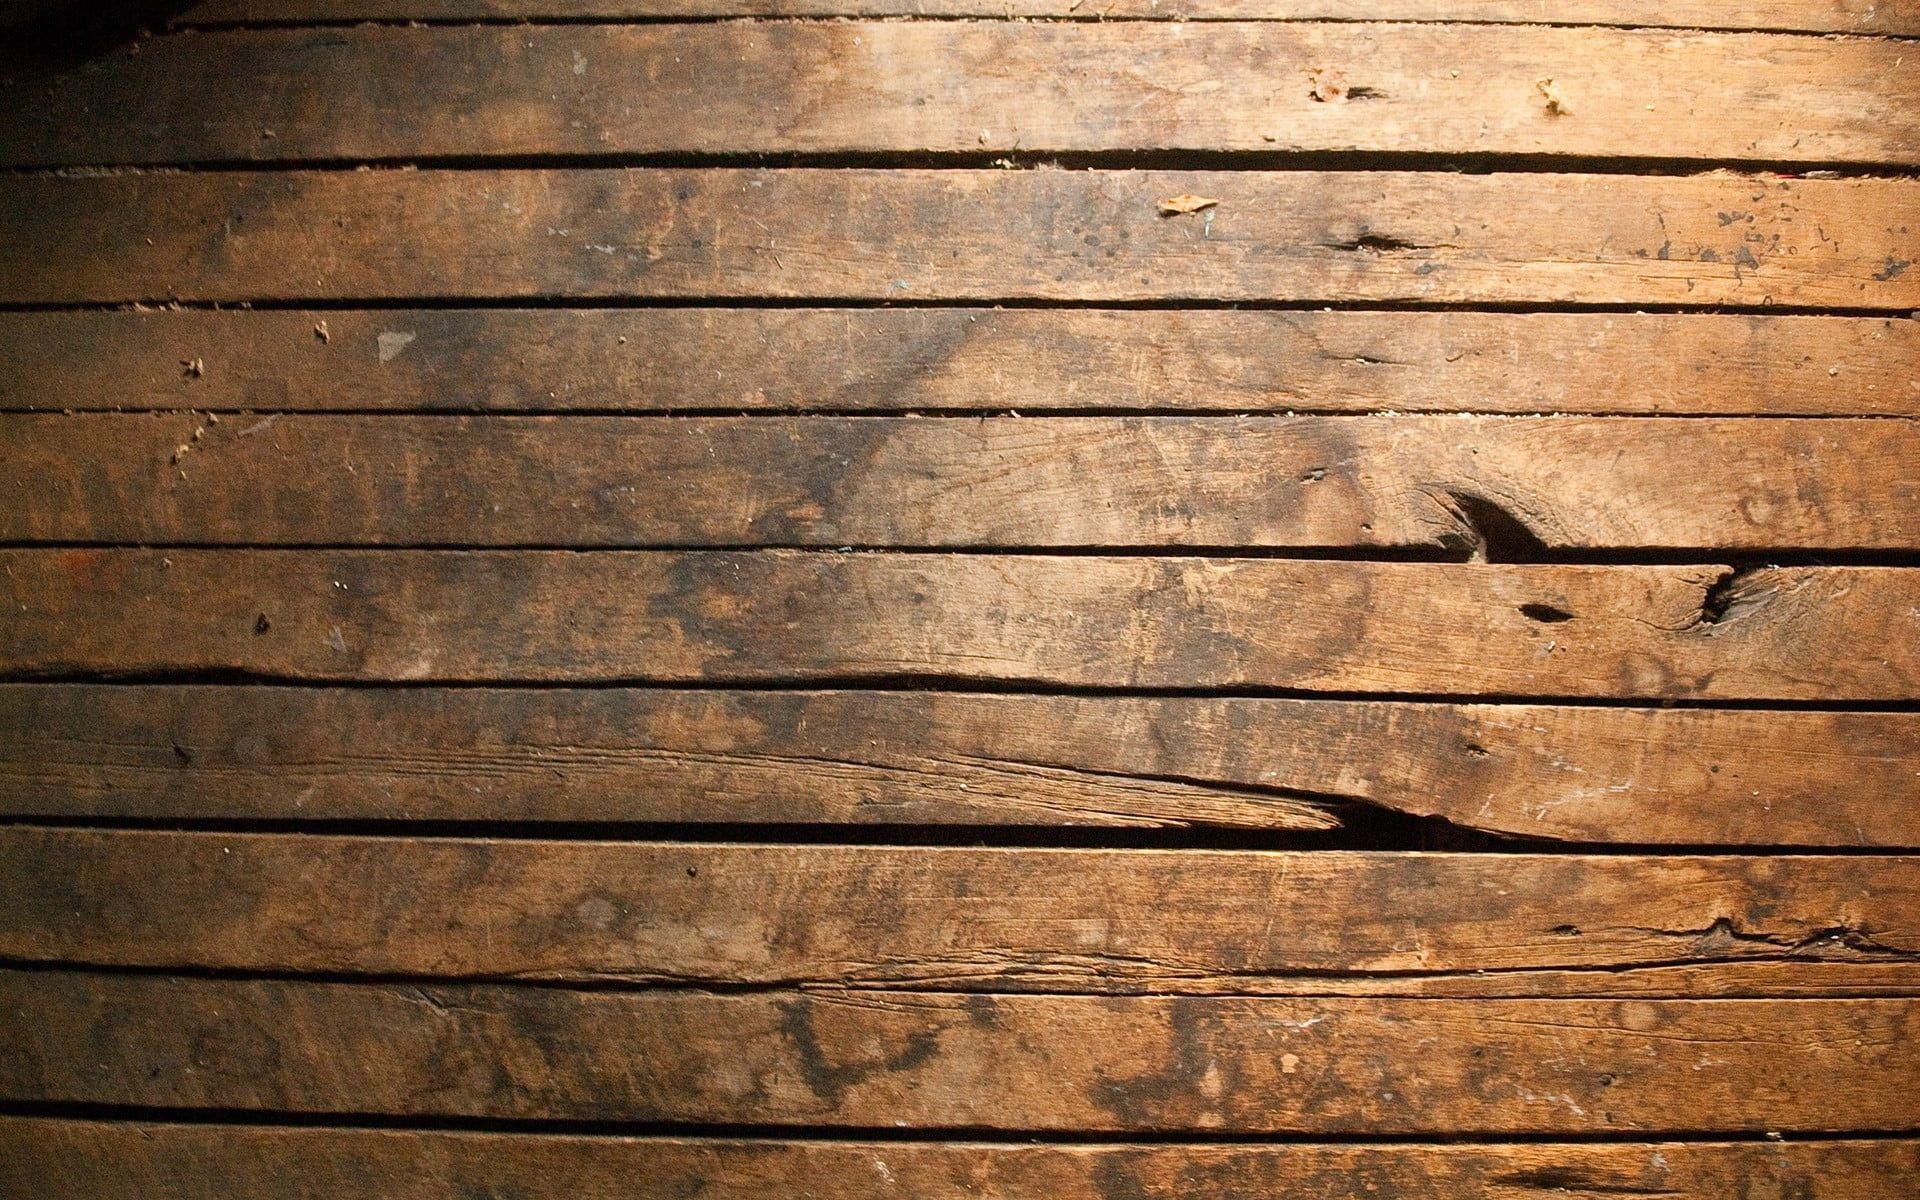 Brown Wooden Surface Wood Timber Closeup Texture 1080p Wallpaper Hdwallpaper Desktop Wood Wallpaper Wooden Wallpaper Reclaimed Wood Wallpaper